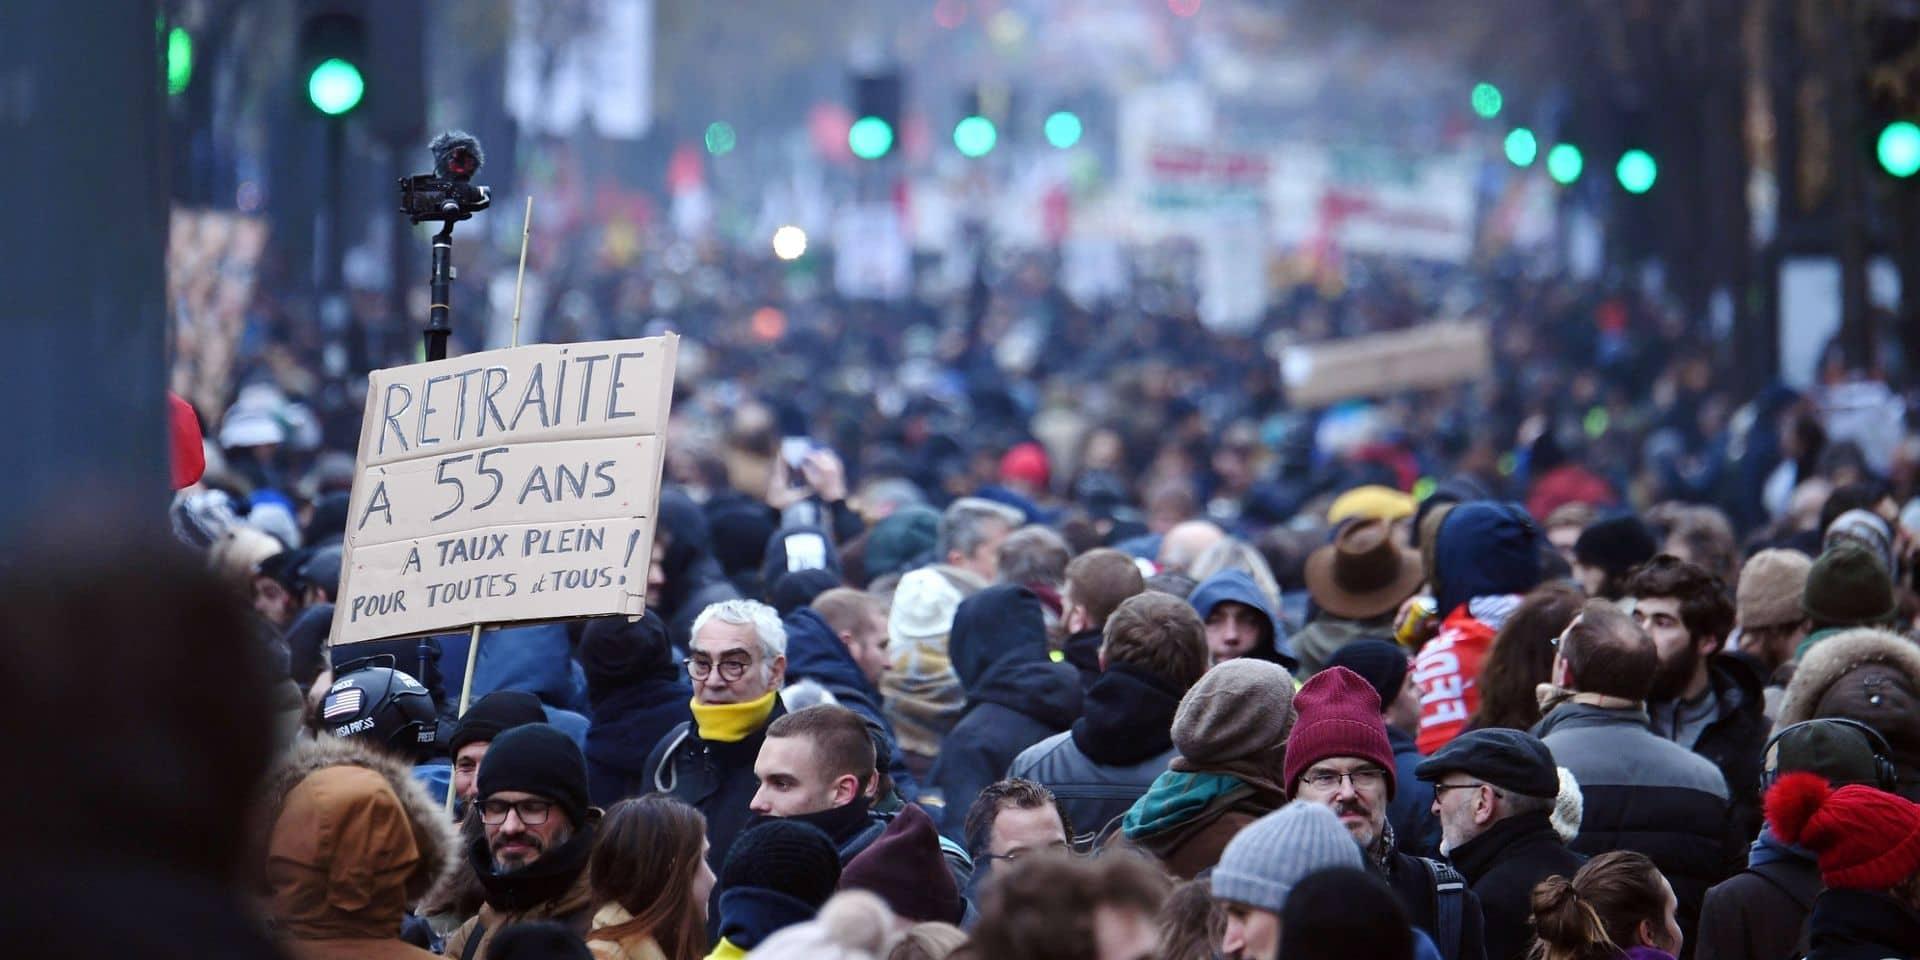 France: récit d'une journée pas comme les autres, plus de 1,5 million de personnes dans la rue